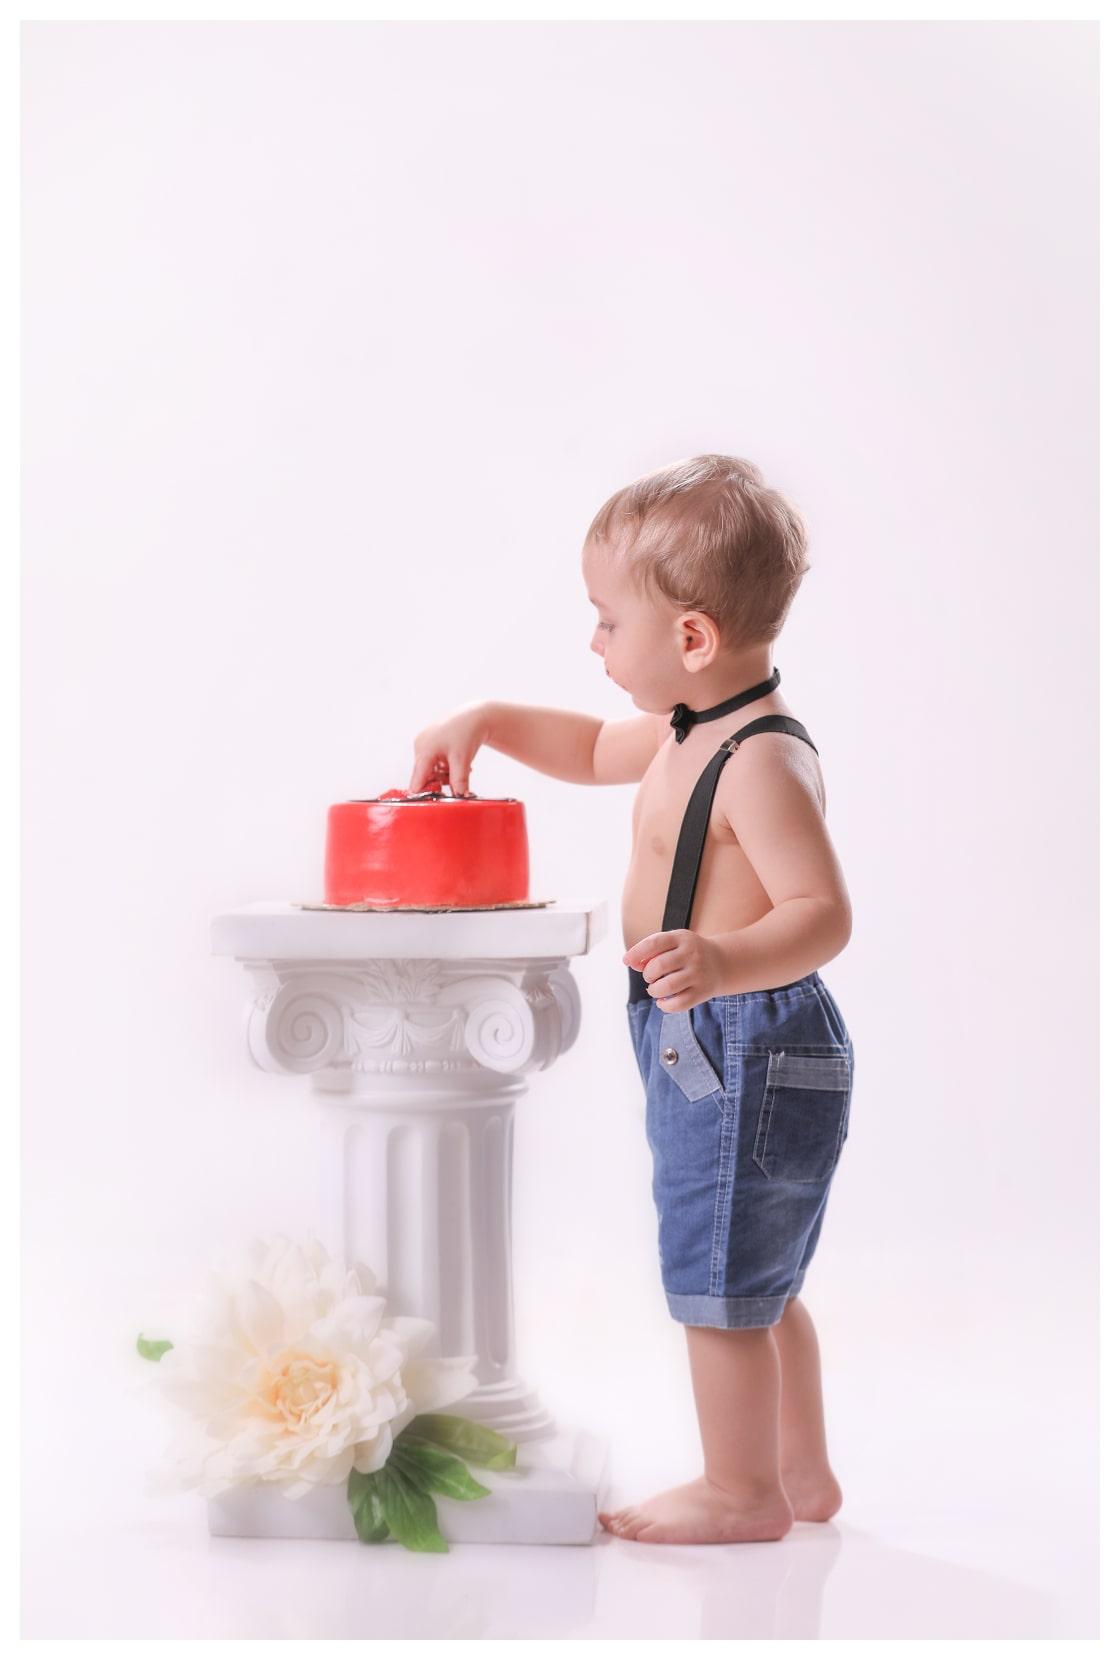 آتلیه کودک در کرج/ آتلیه کودک کرج/ عکس کودک /آتلیه کودک /